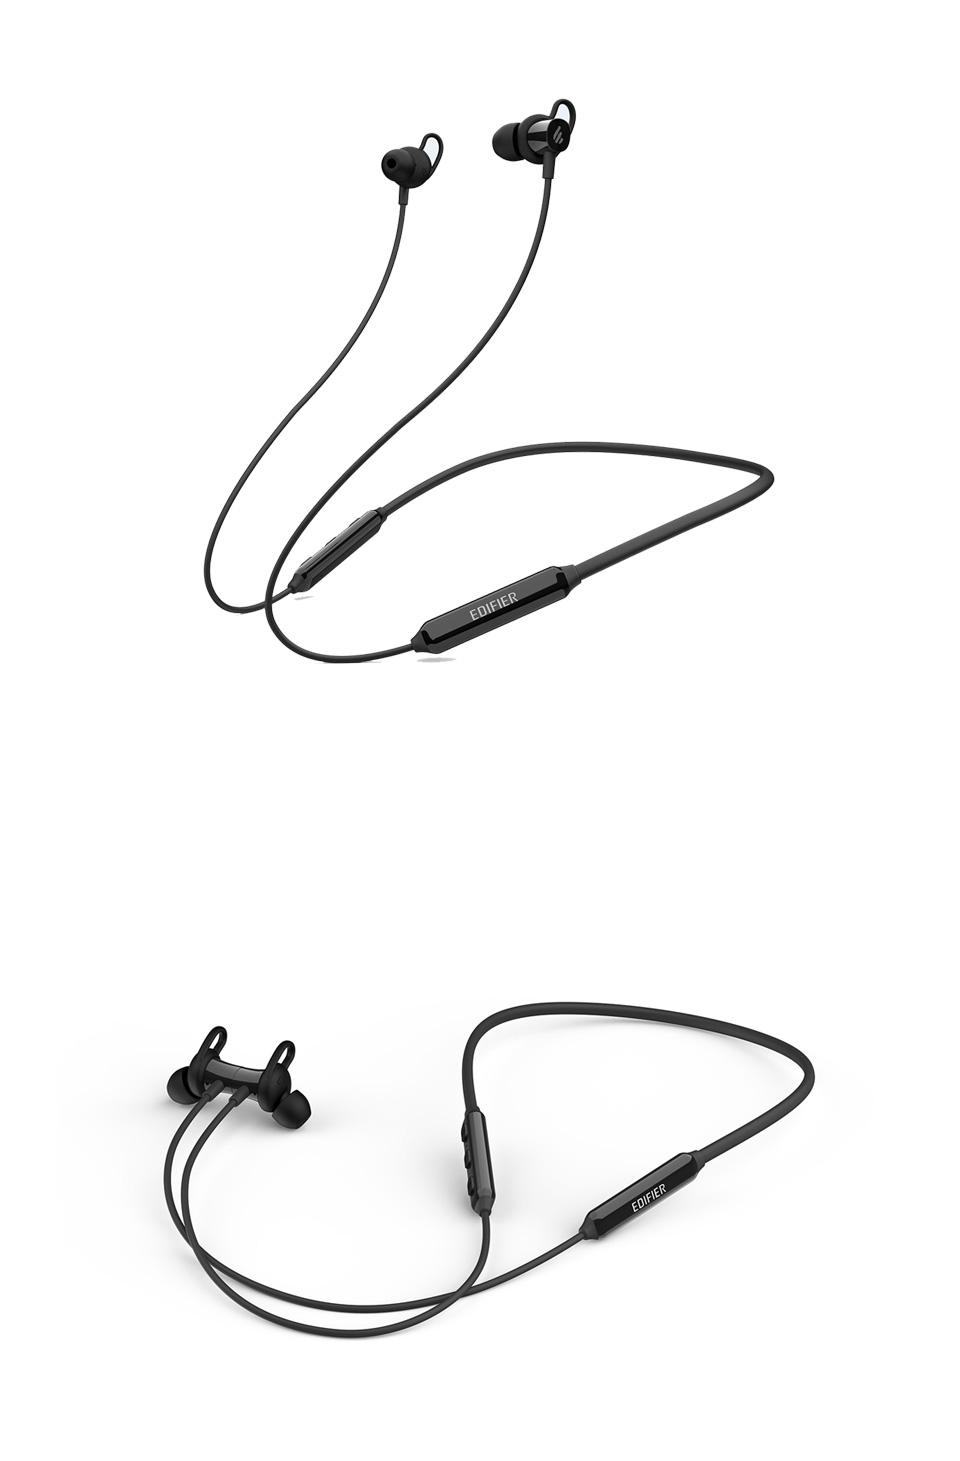 Edifier W200BT Bluetooth 5.0 Waterproof In-Ear Headphones Black product